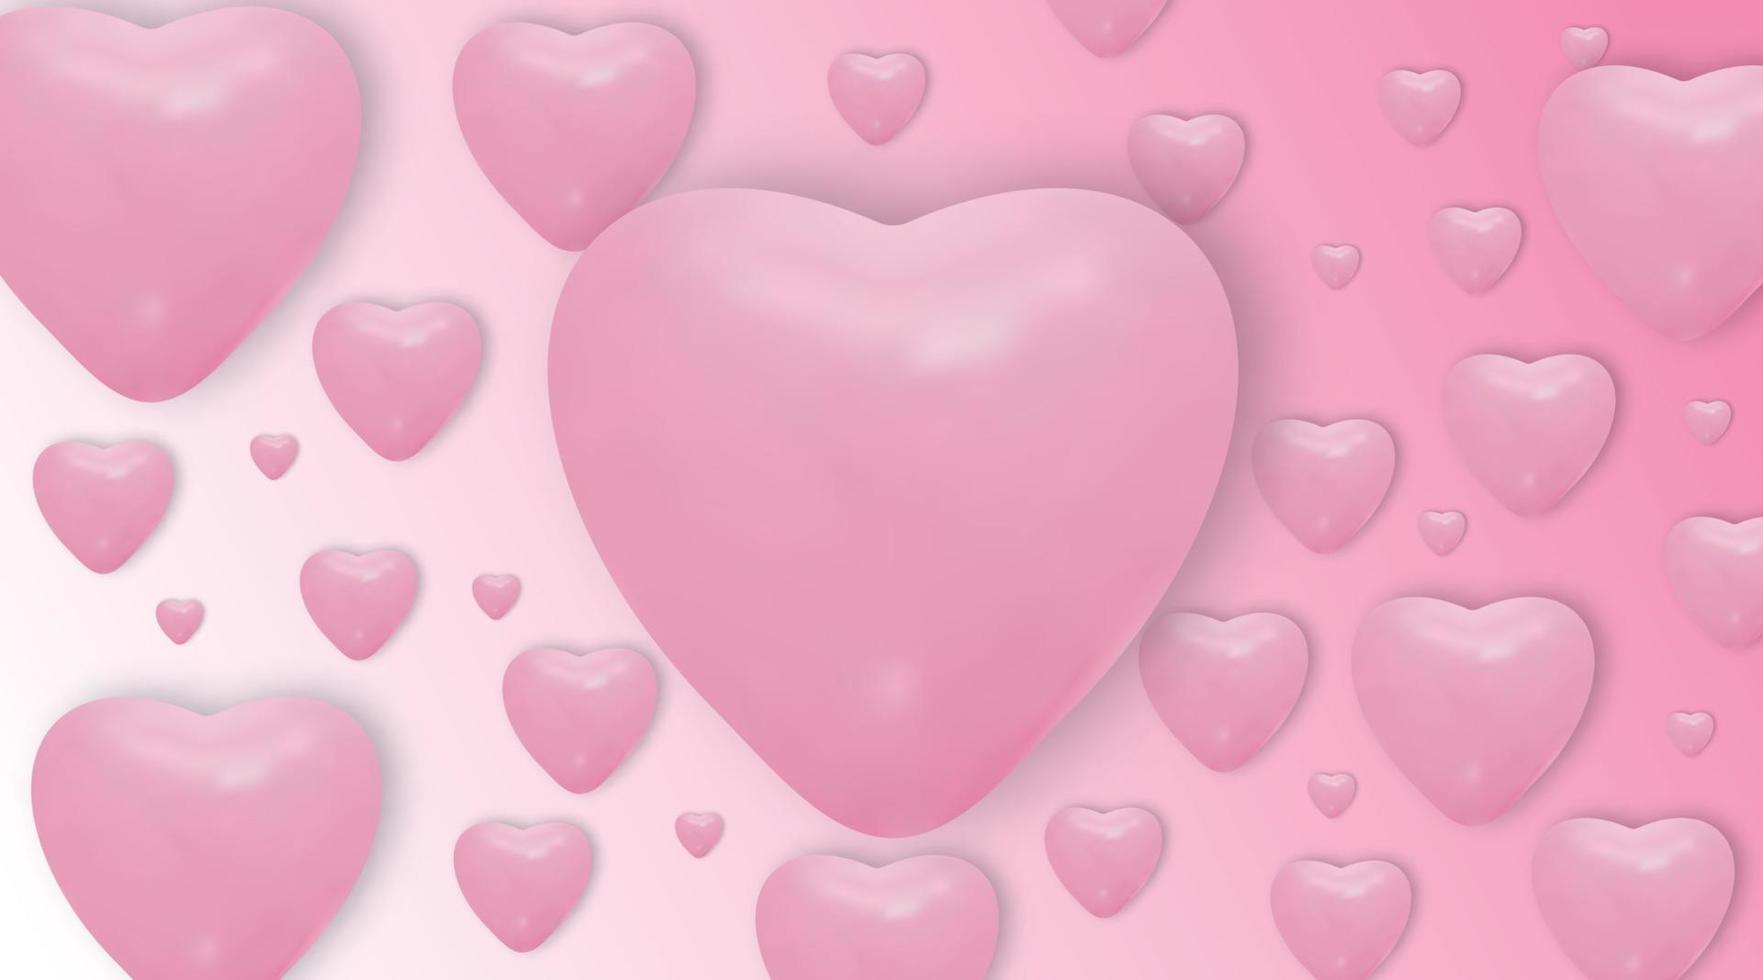 ballons coeur rose sur fond rose. vector ballons réalistes .valentines jour fond de vecteur.